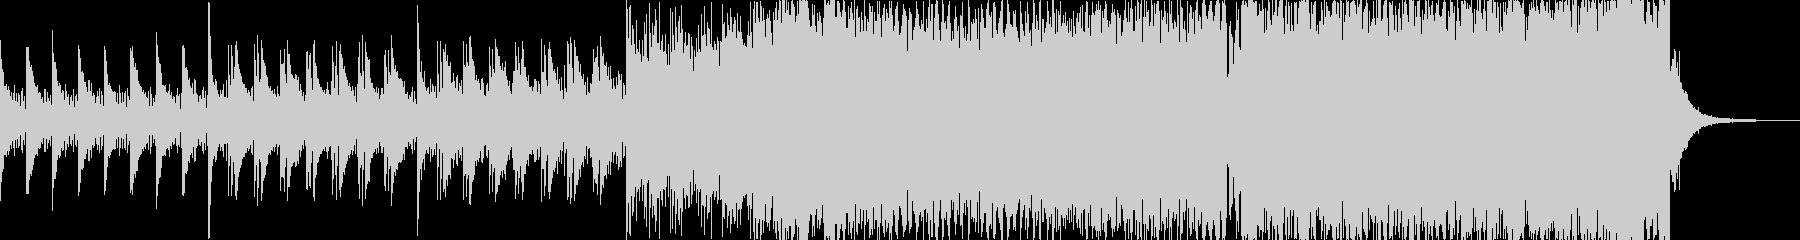 パワフルで高揚感のあるピアノEDMの未再生の波形